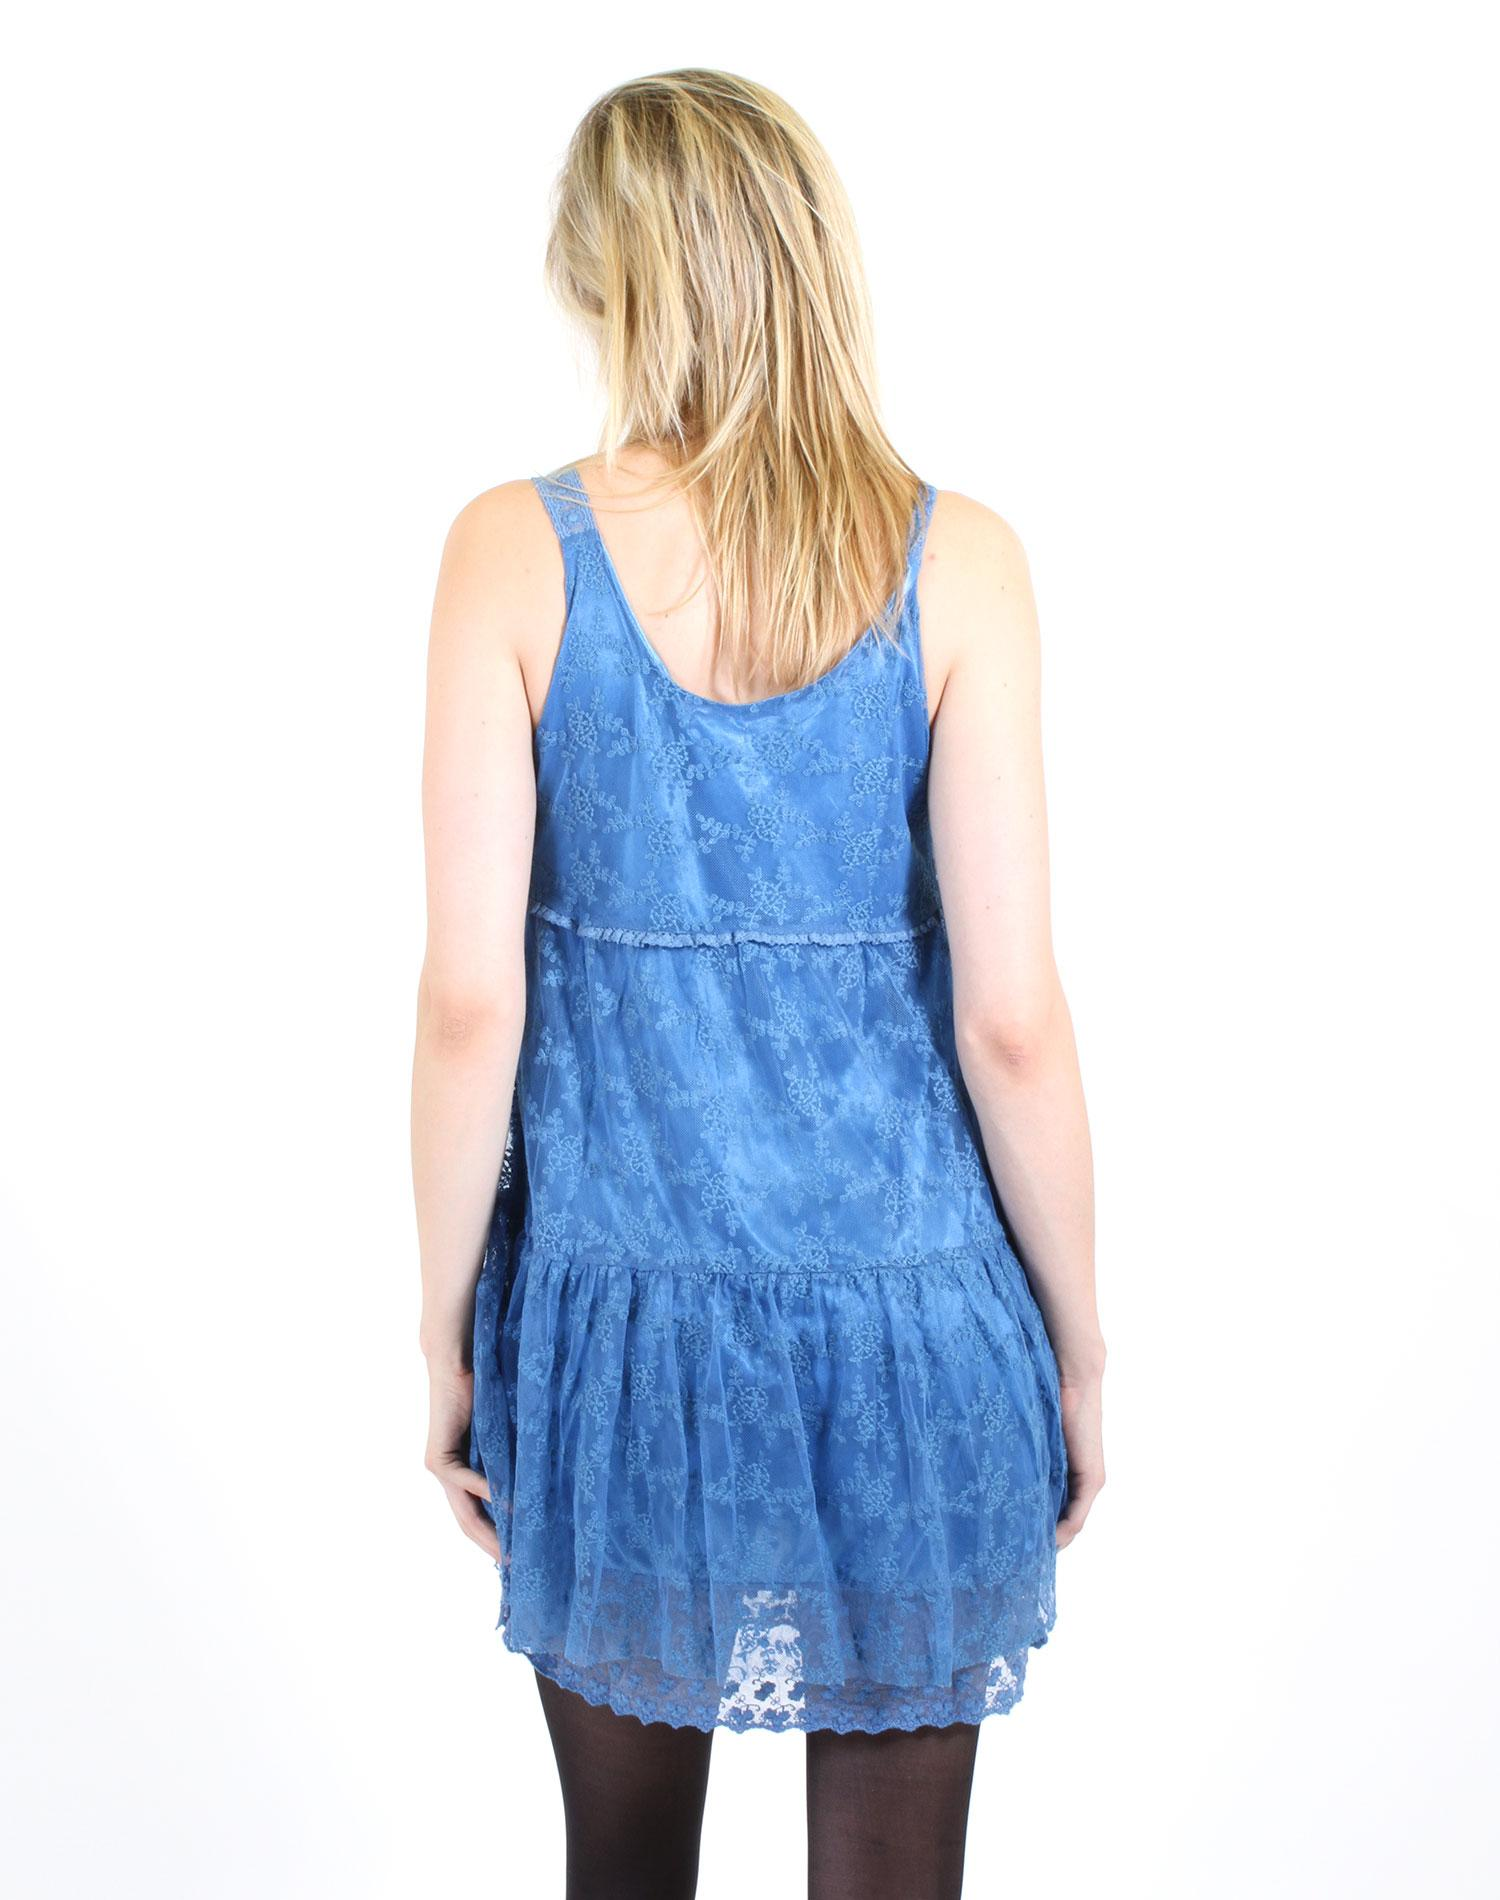 Robe molly bracken bleu